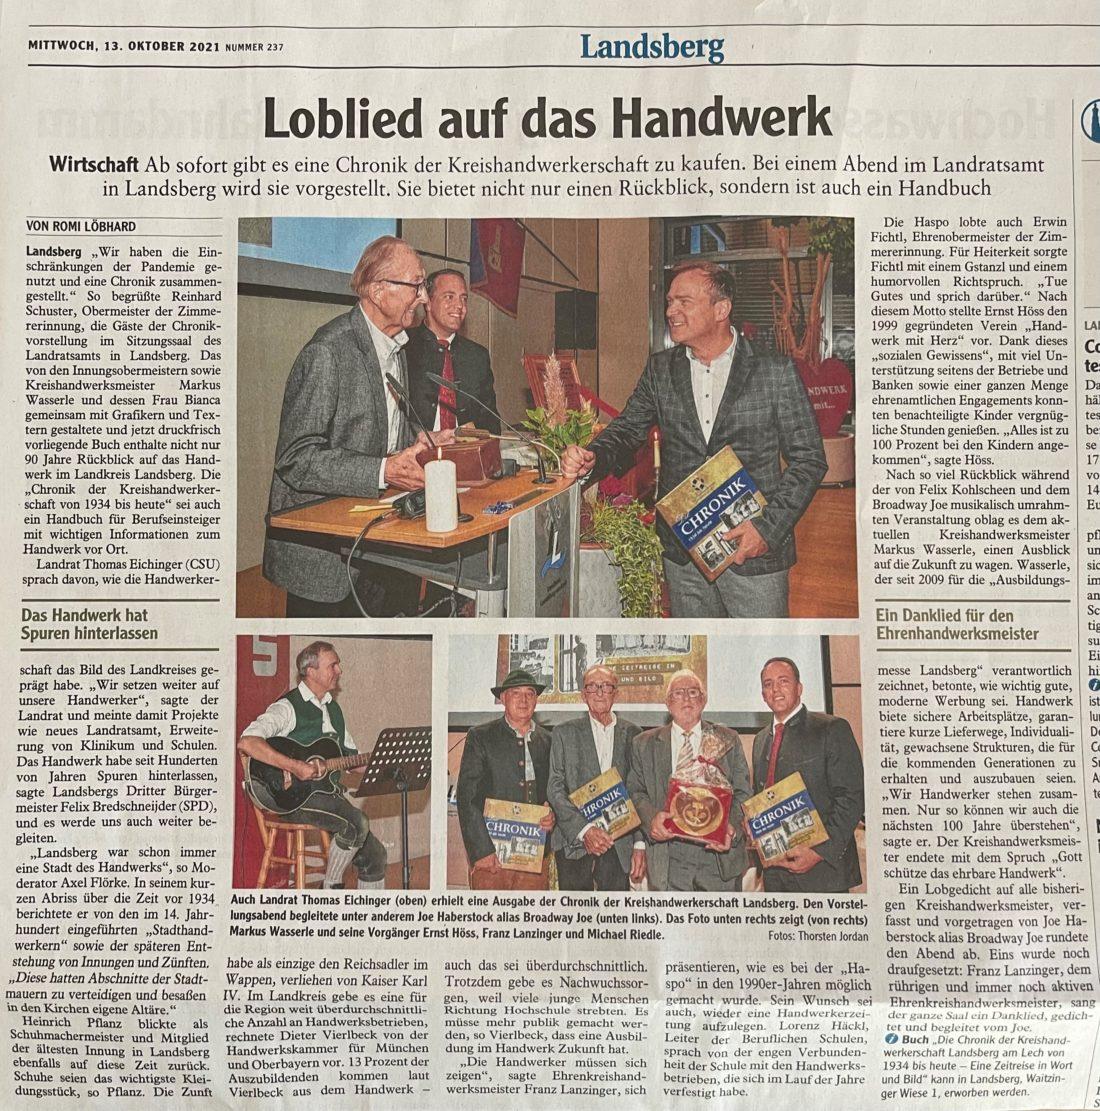 Markus Wasserle von der Gebäudereinigung Wasserle aus München ist Kreishandwerksmeister